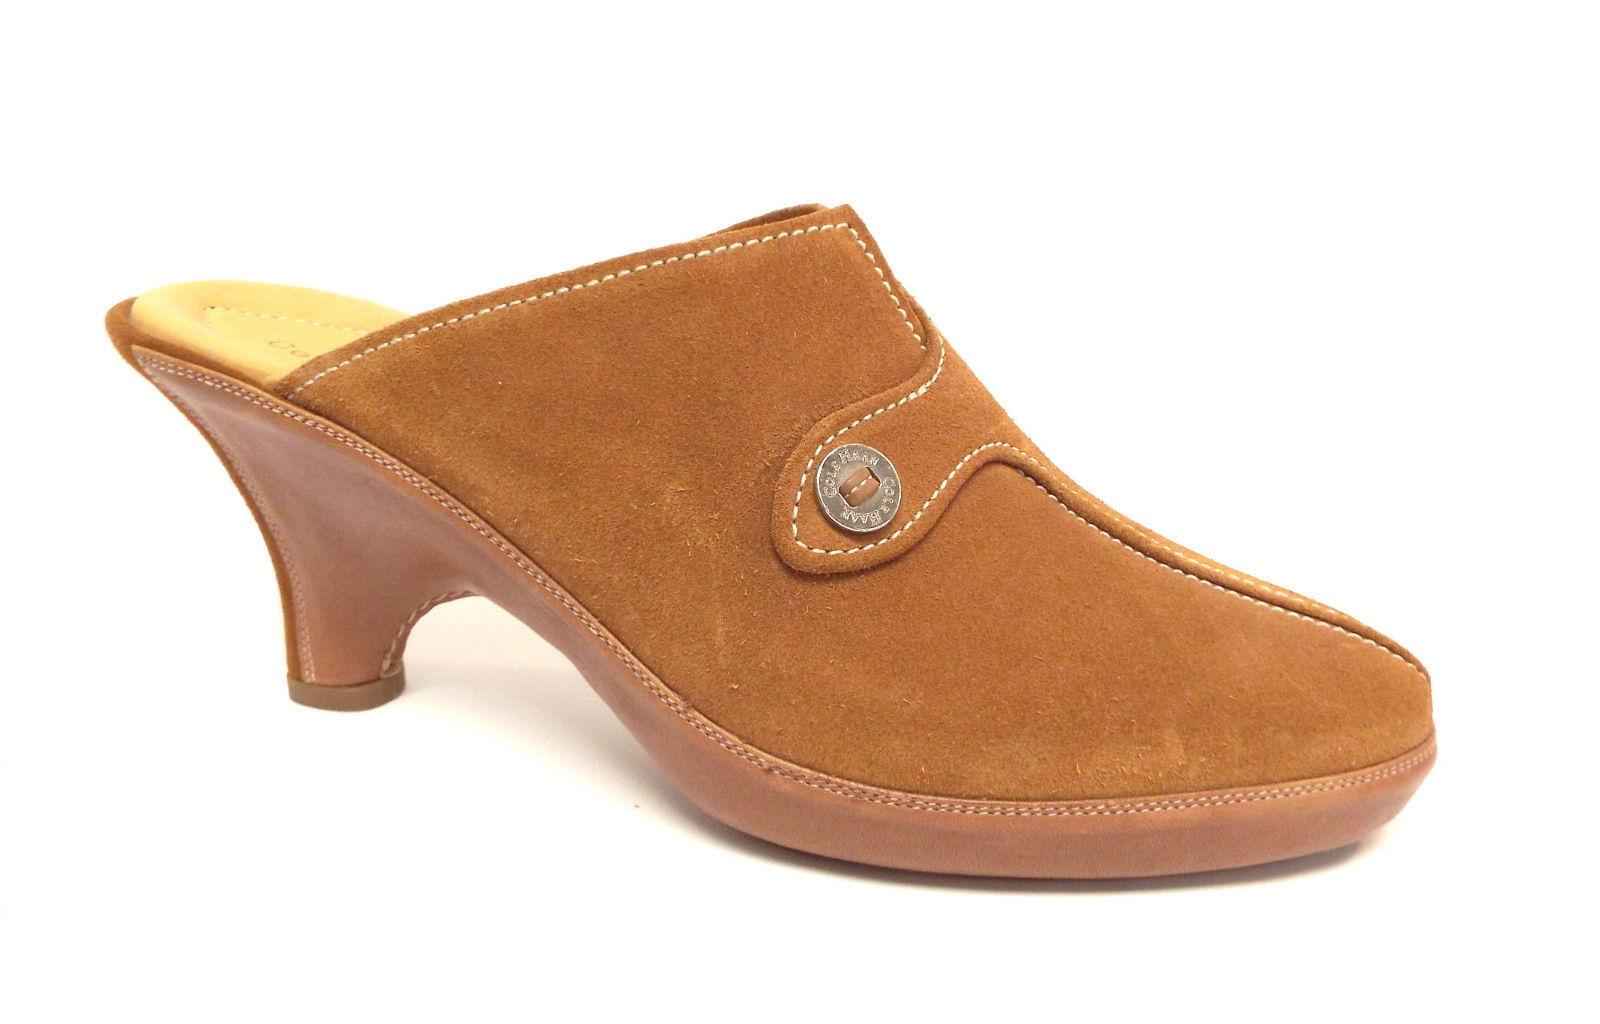 New COLE HAAN Dimensione 9 Beige Suede Button Mules  Clogs scarpe  fantastica qualità